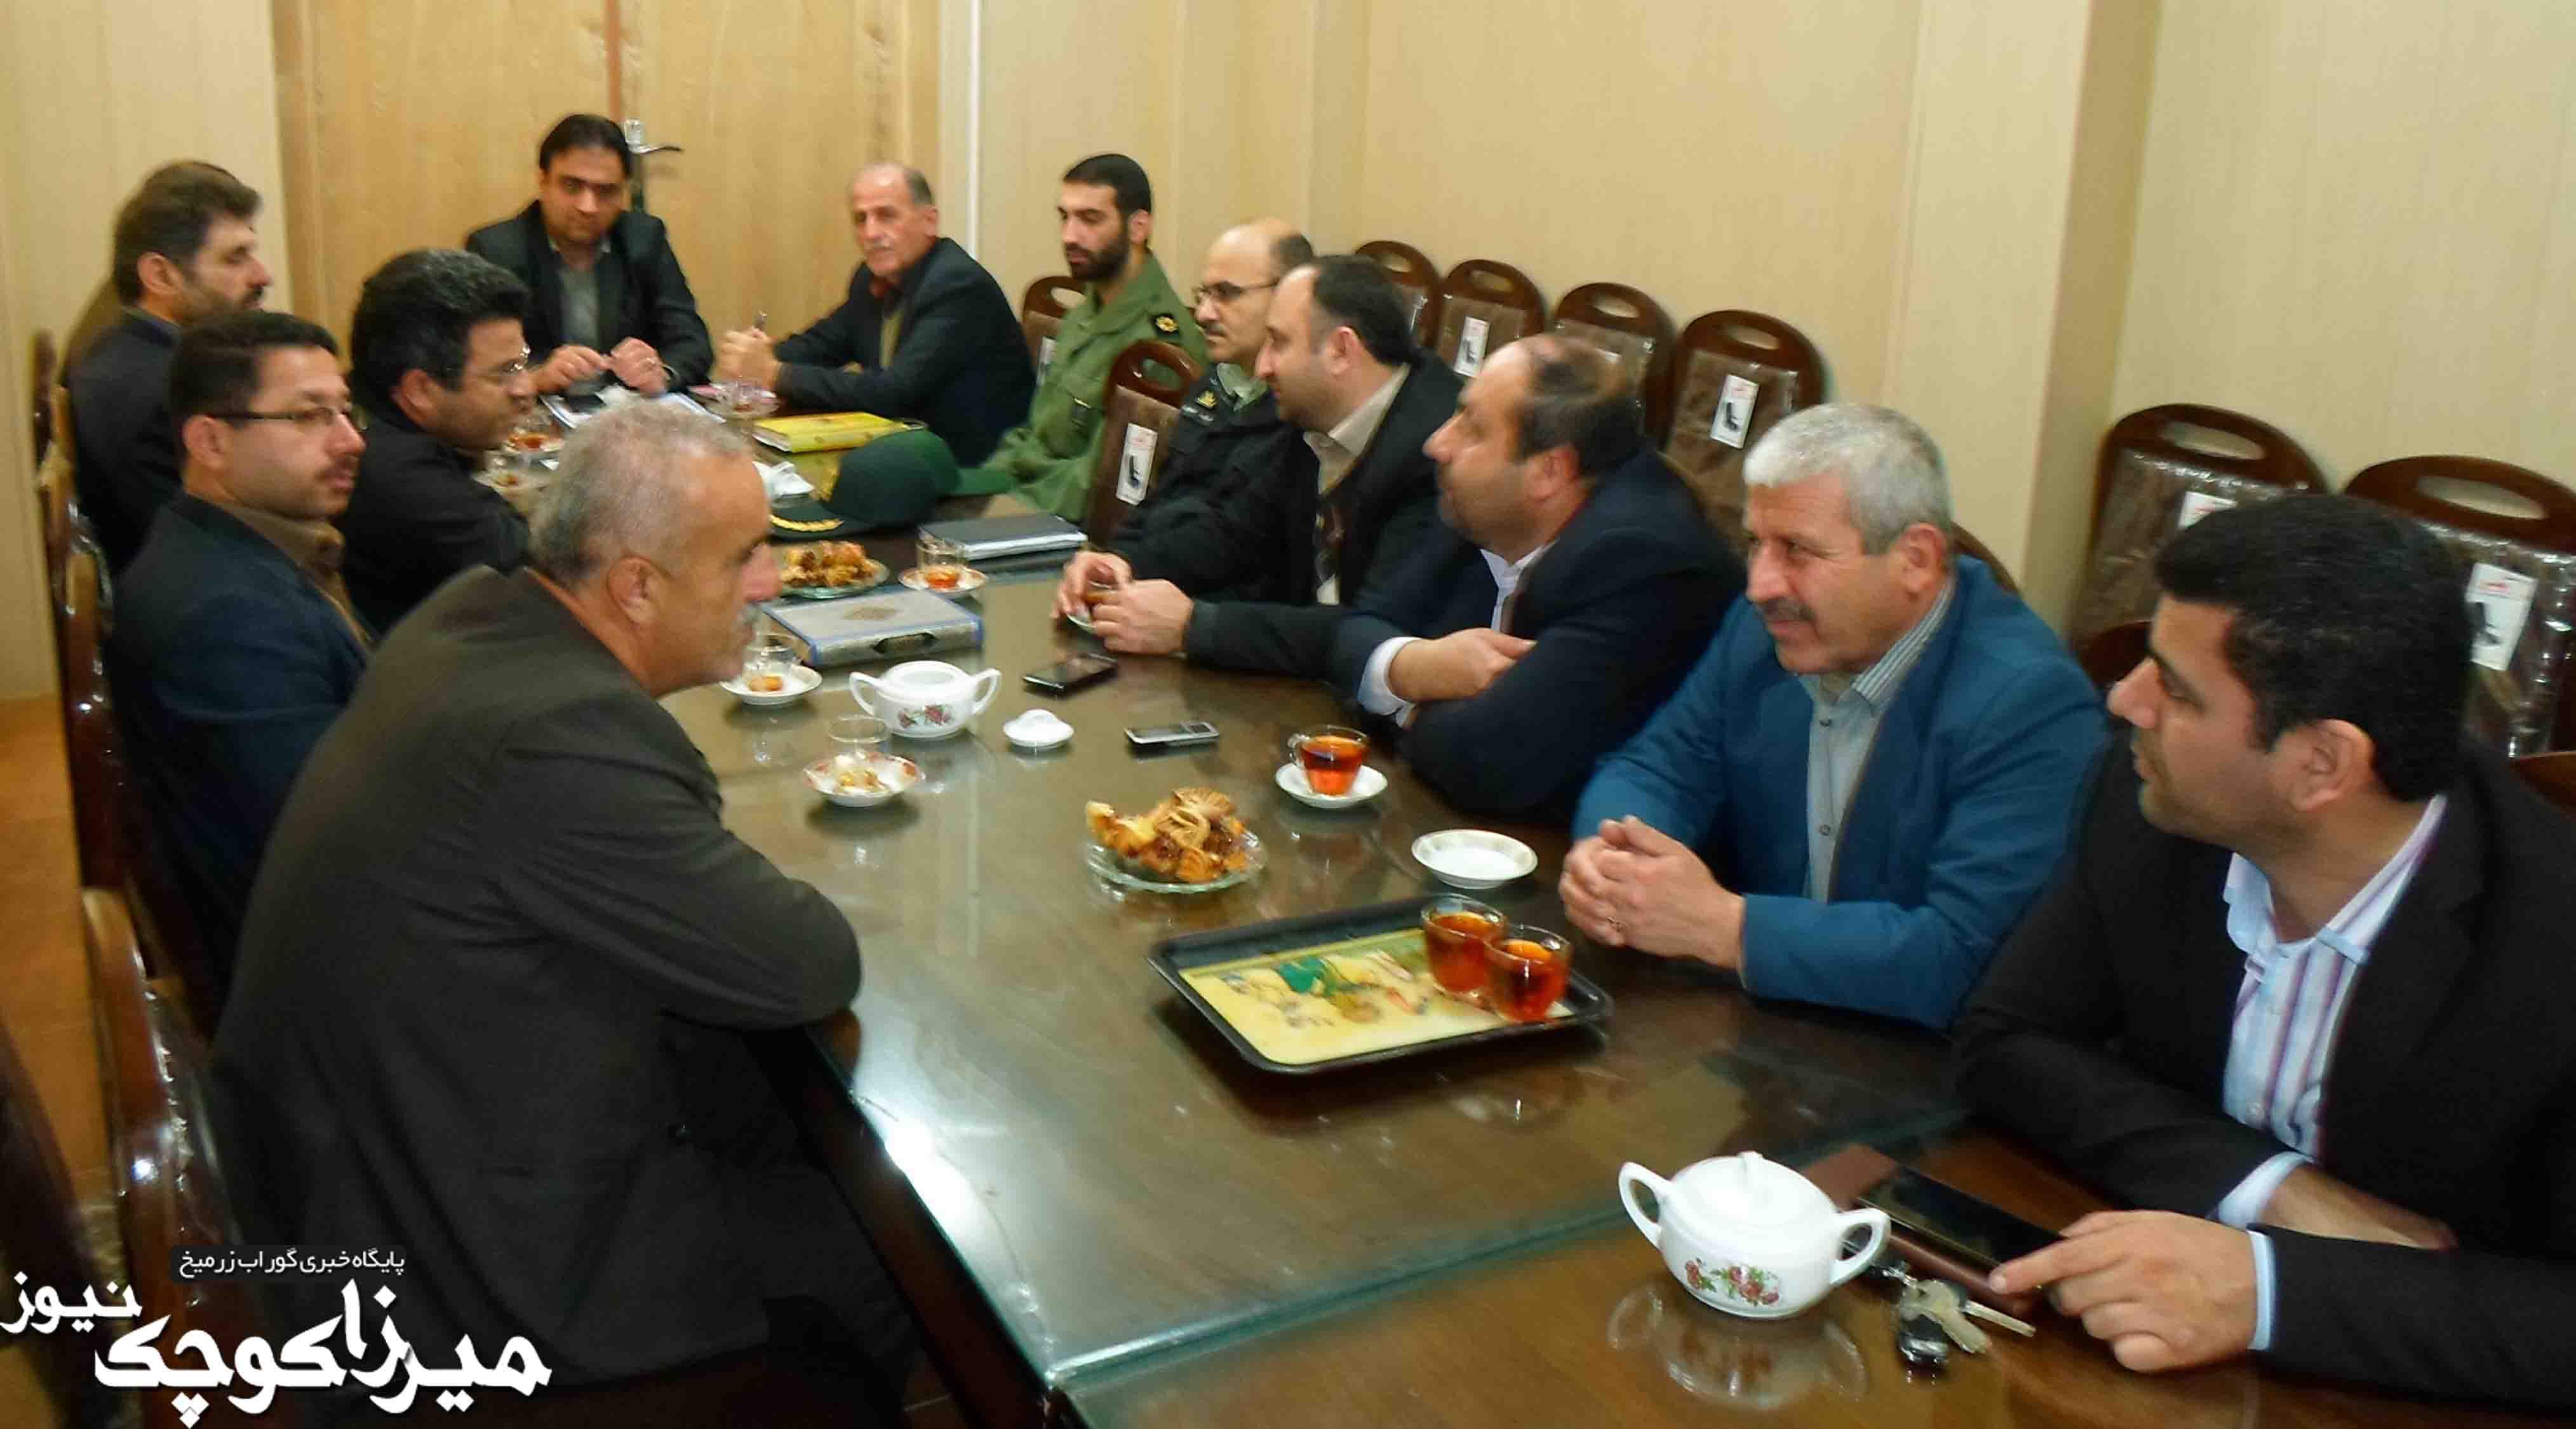 جلسه هماهنگی برنامه های هفته بسیج برگزار شد